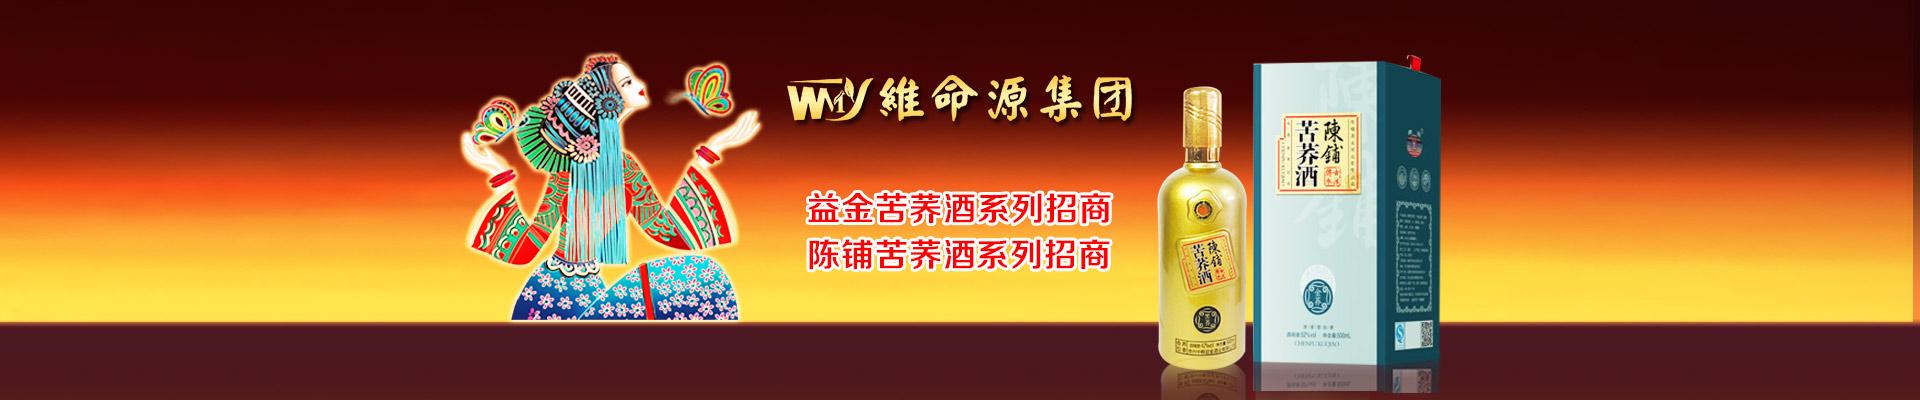 贵州盛世益金酒业有限公司